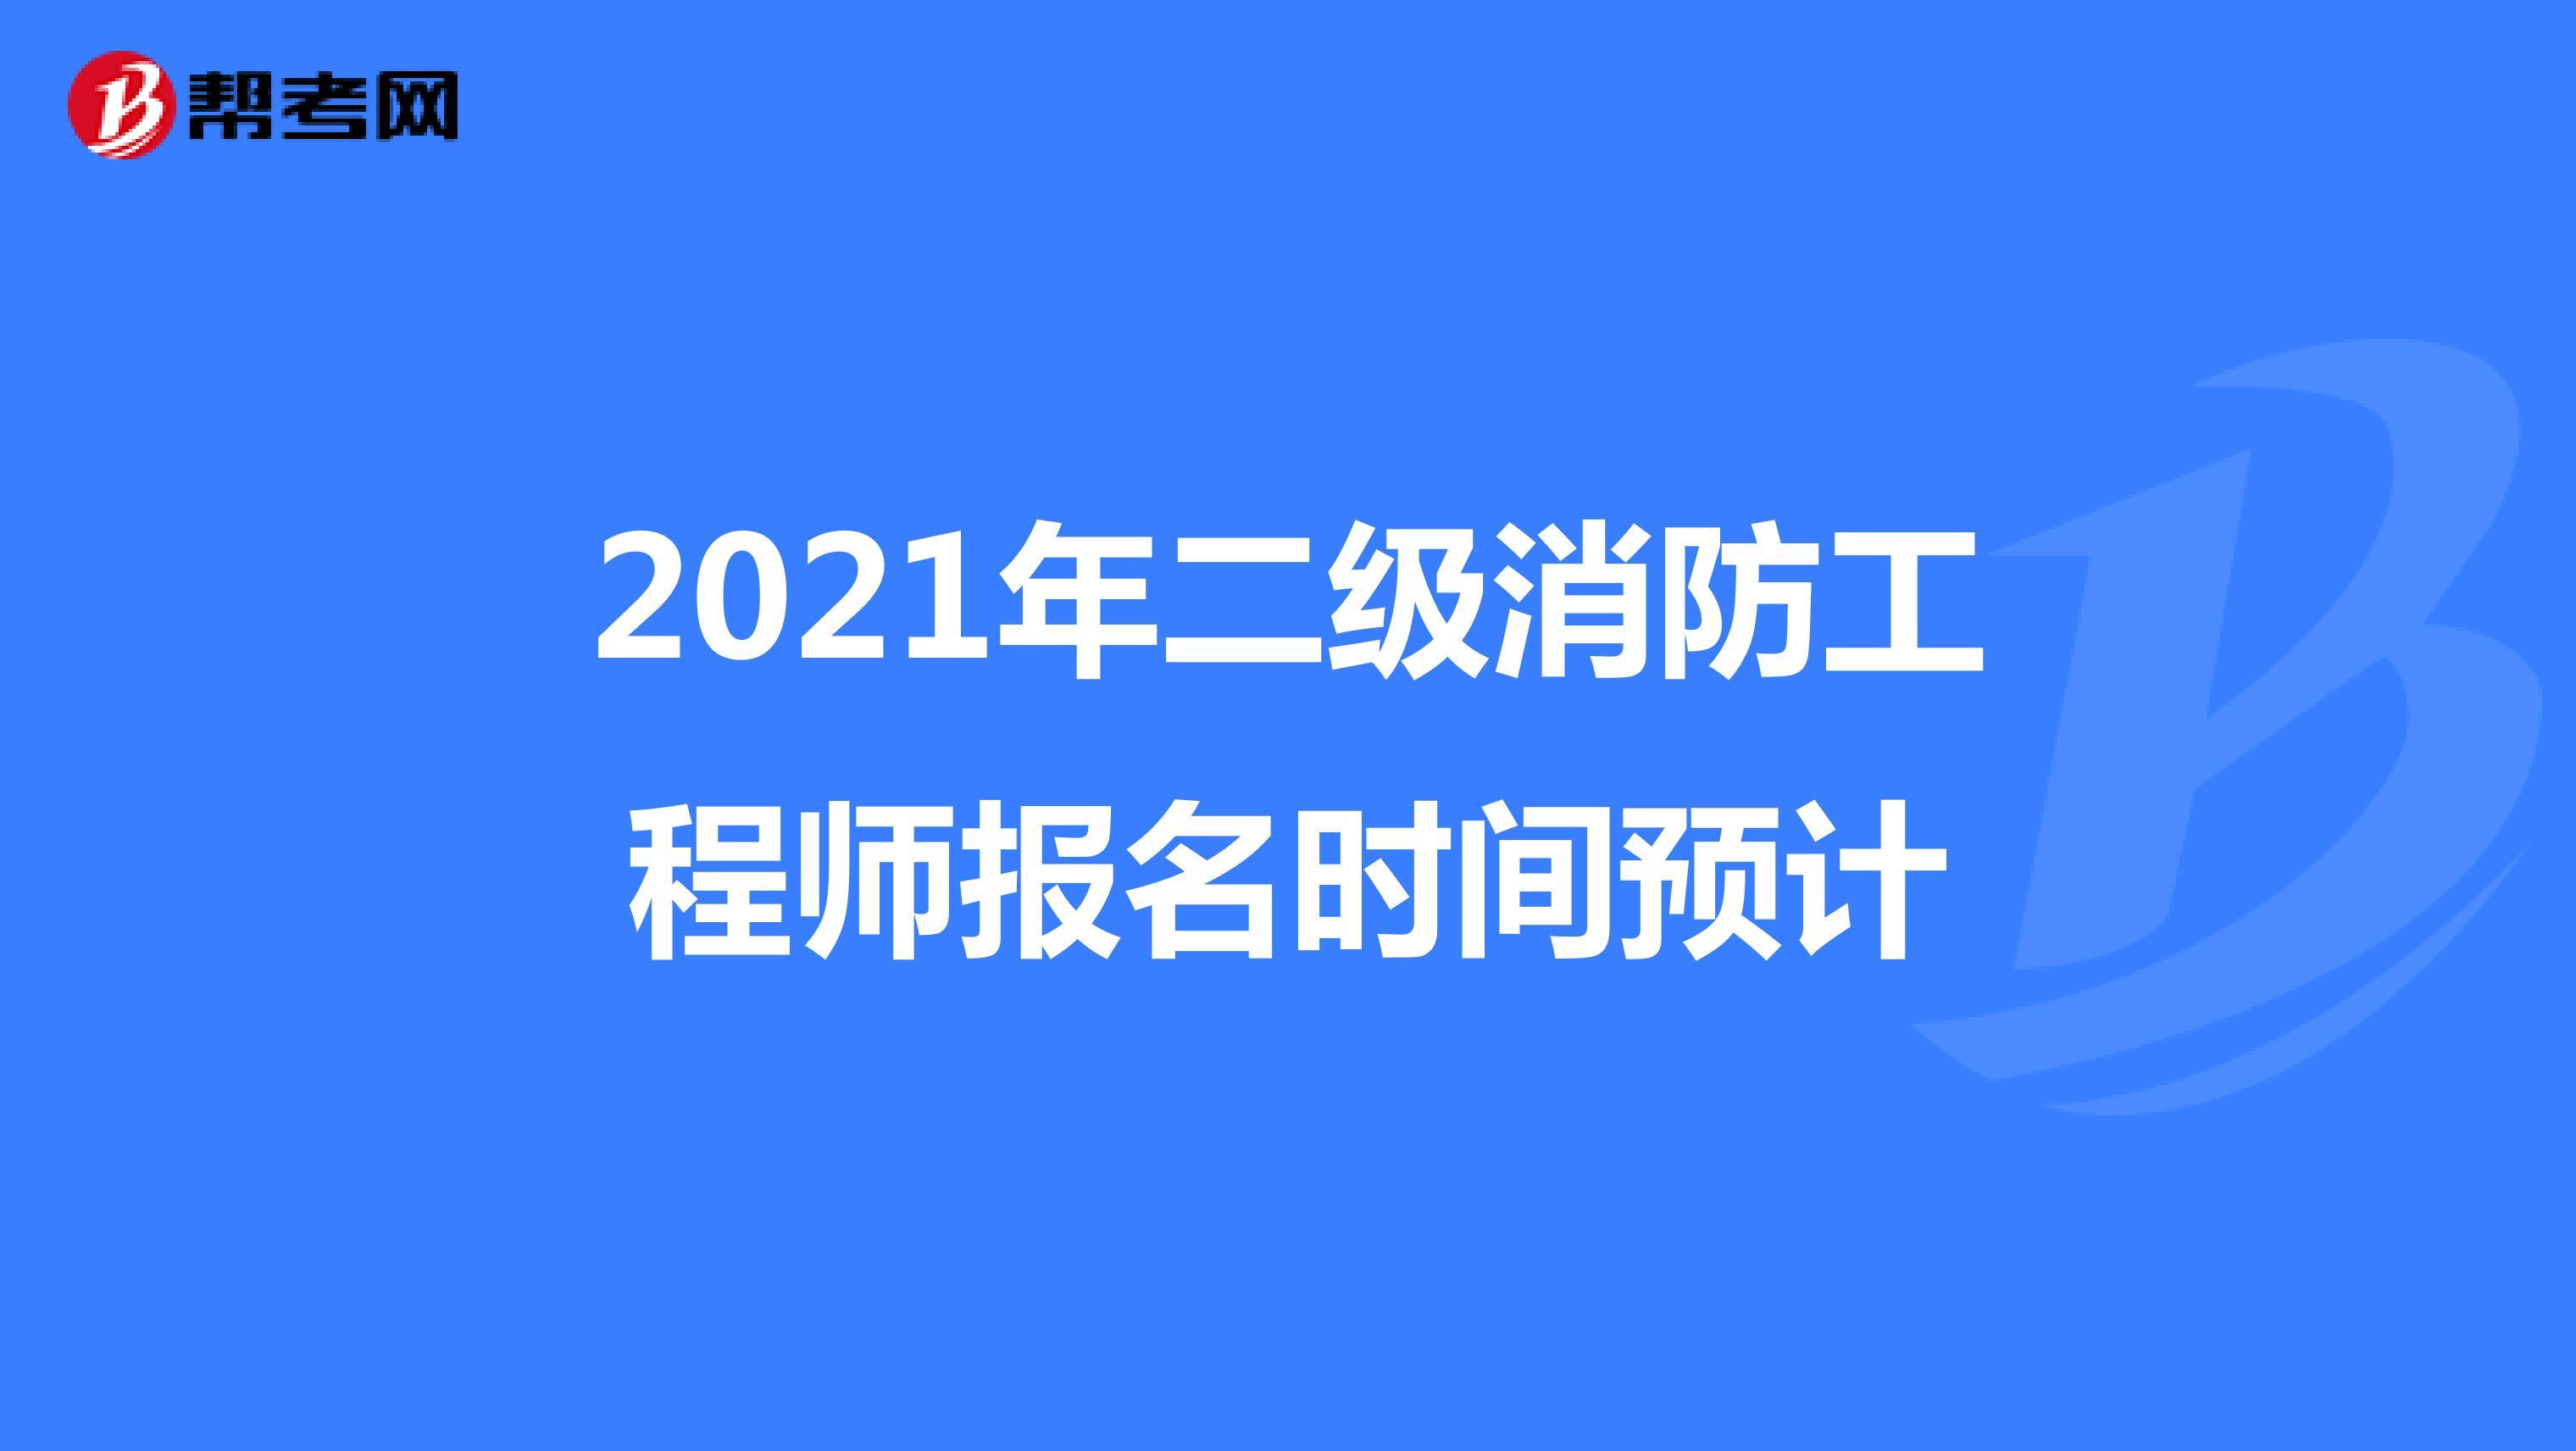 2021年二级消防工程师报名时间预计